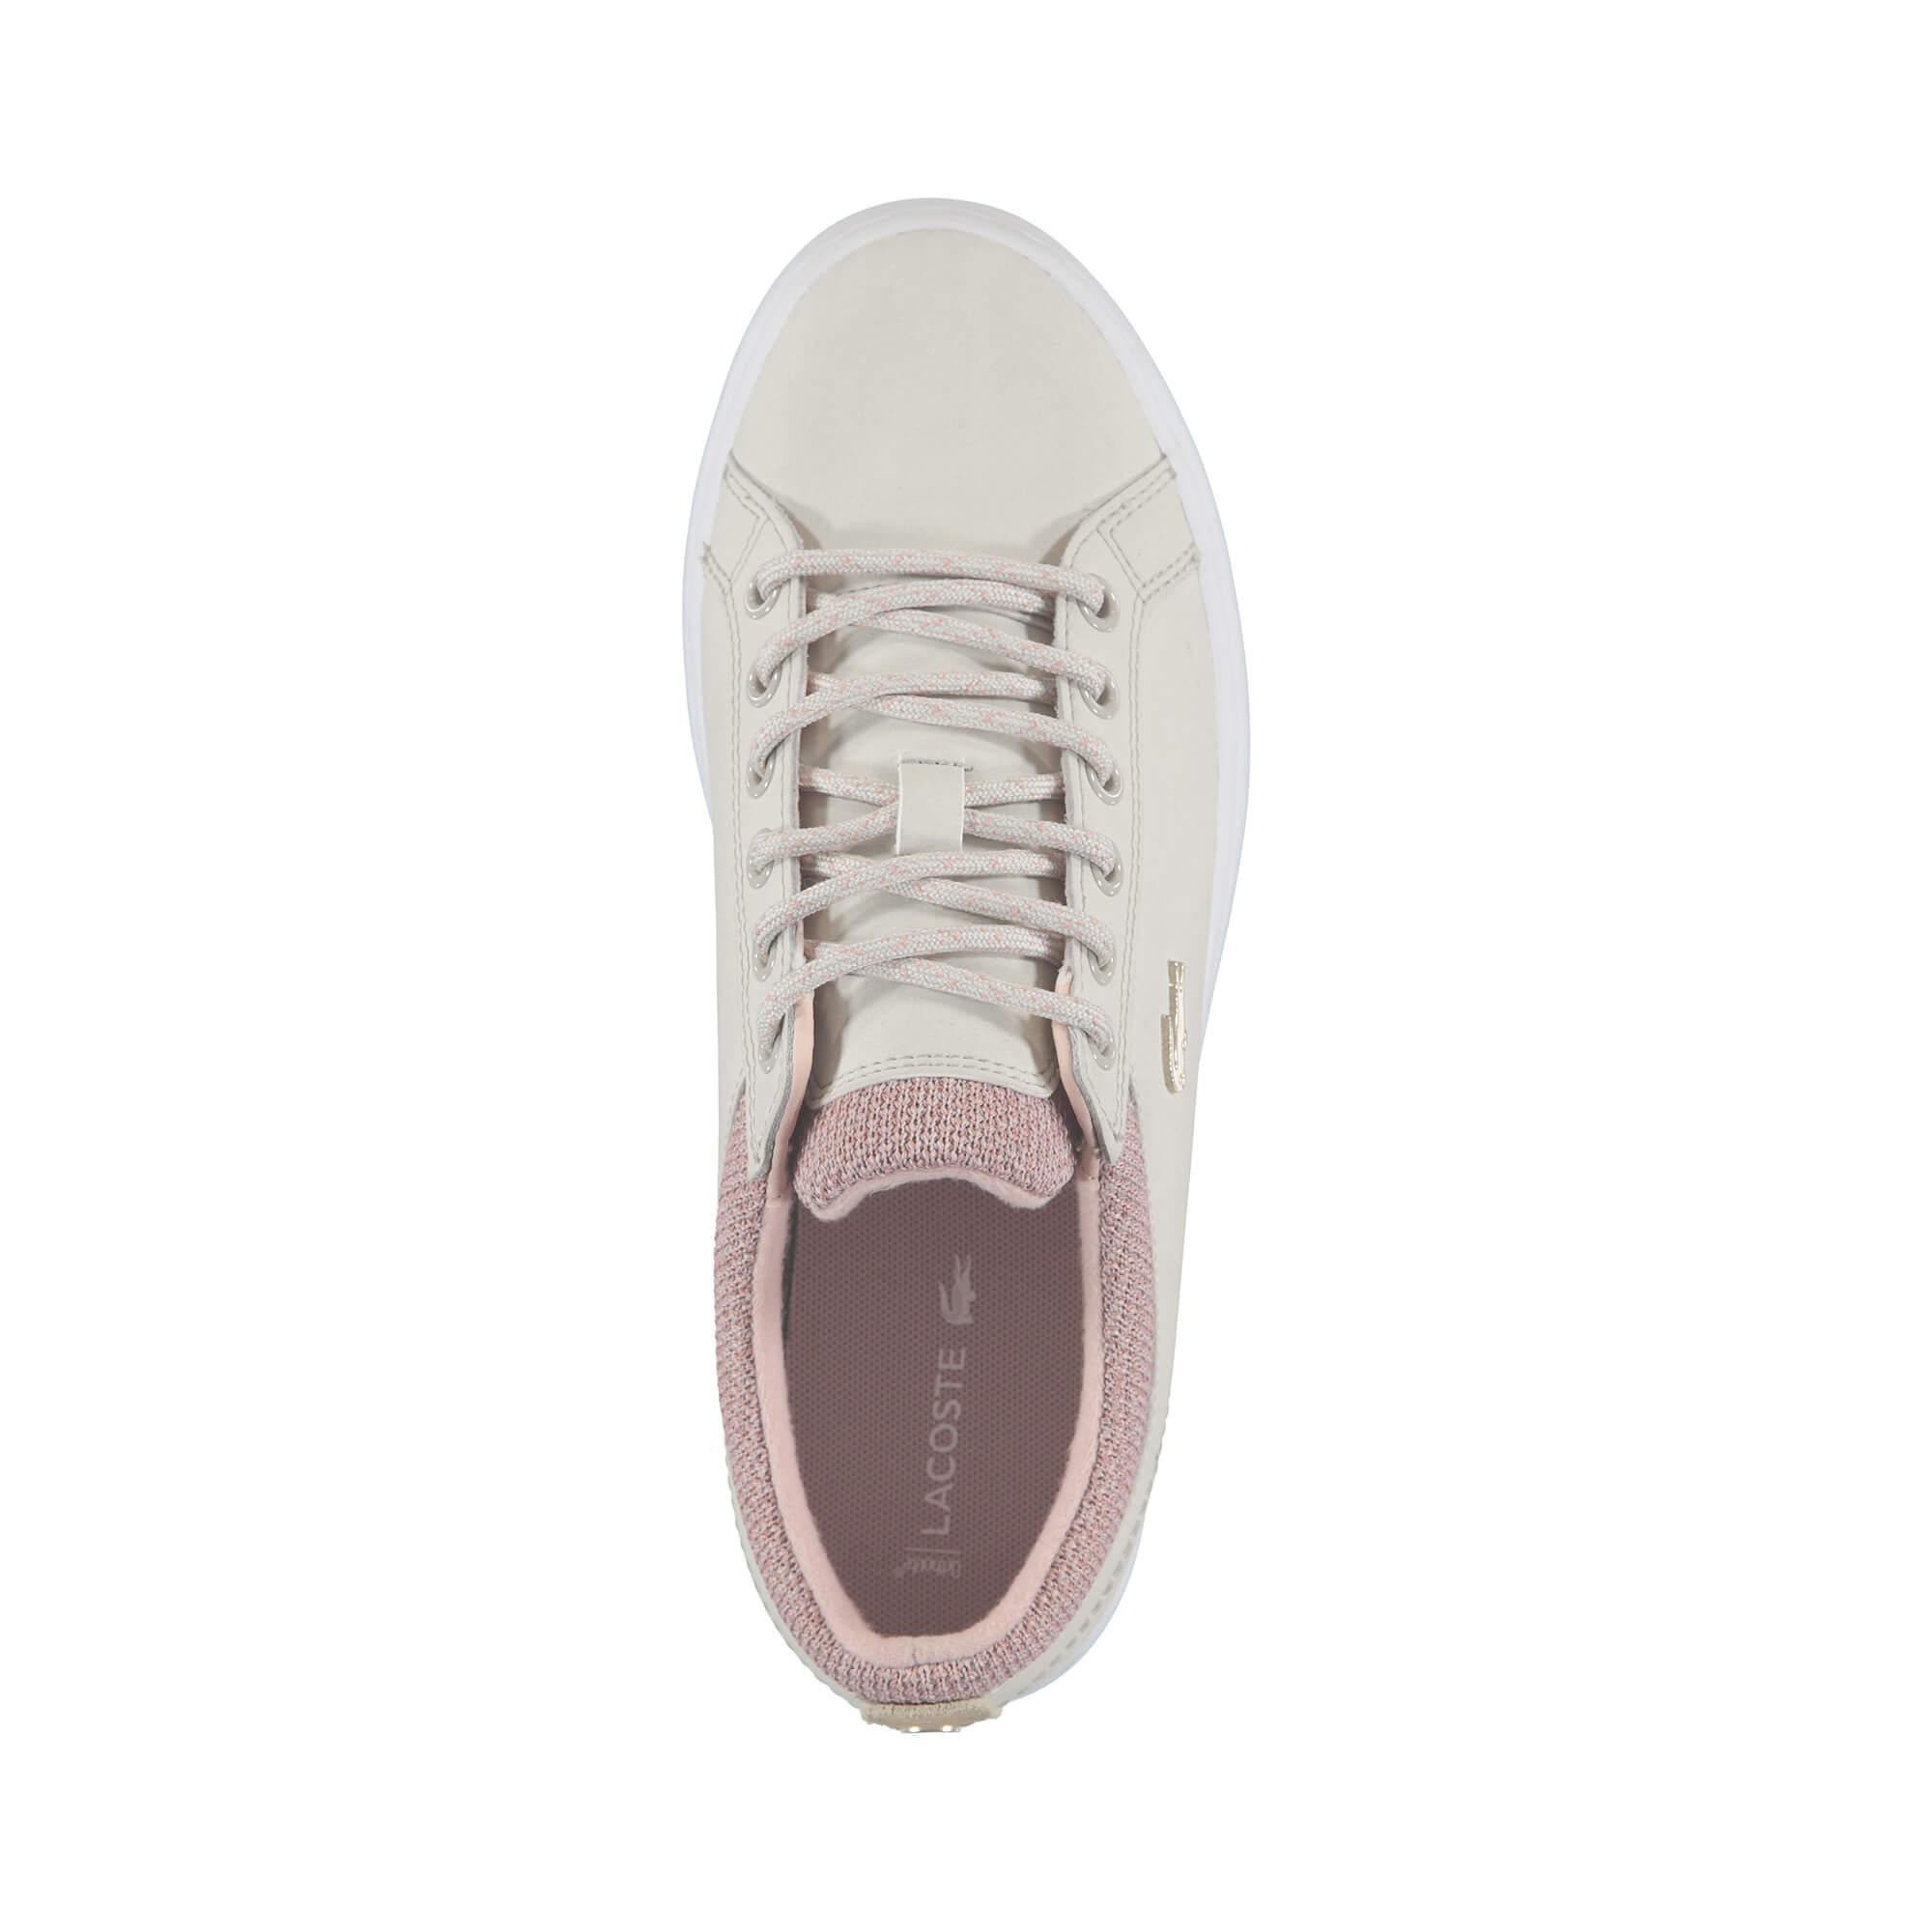 Lacoste Kadın Straightset Insulate 3181 Pembe Sneaker